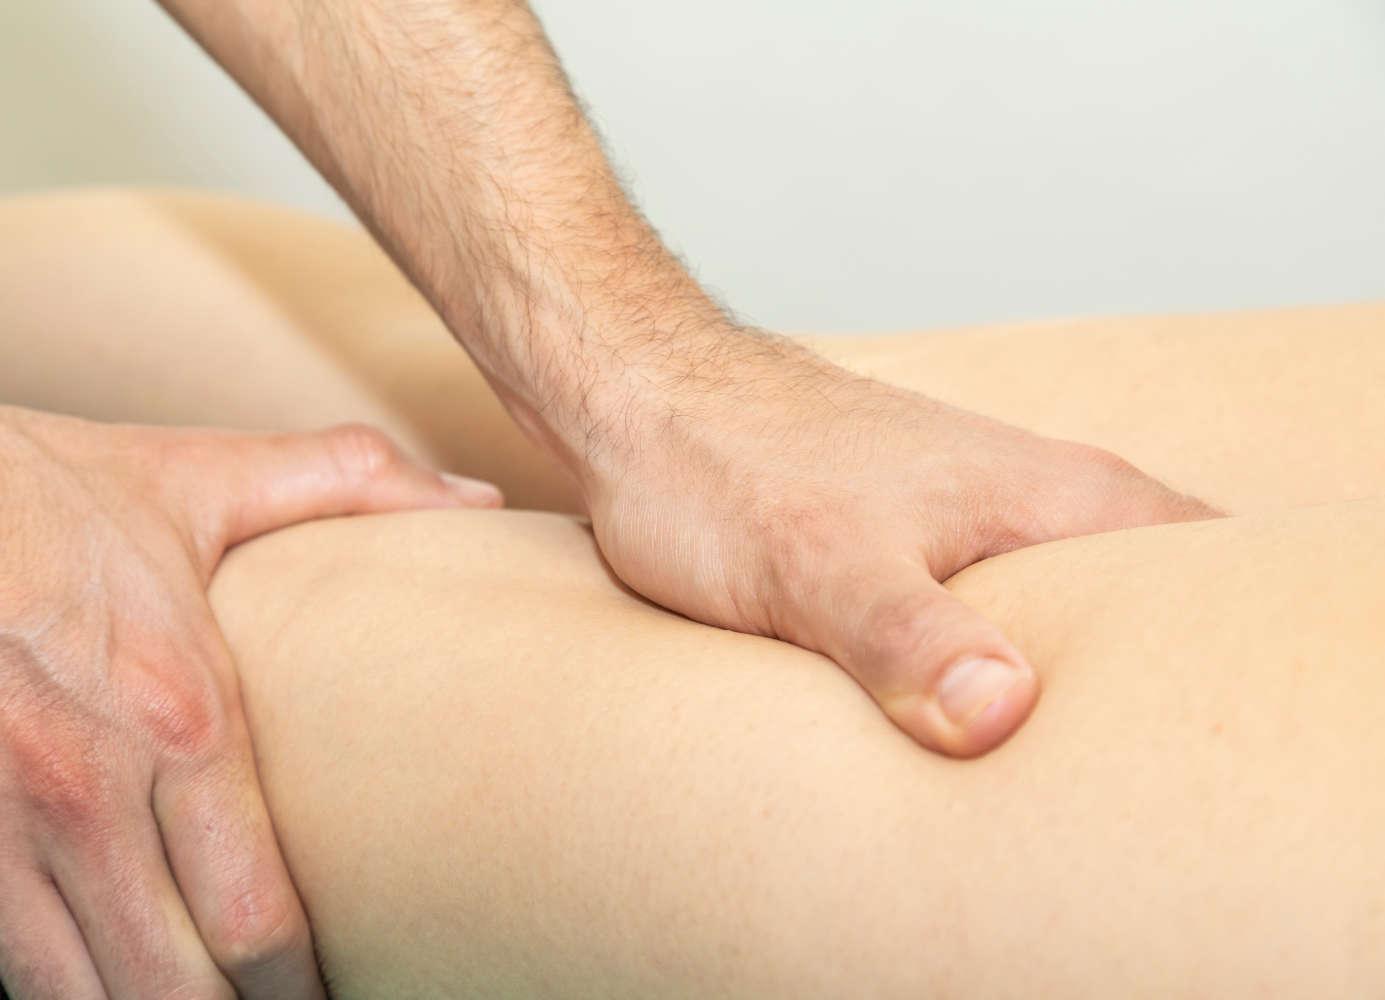 fisioterapia osteopatía y suelo pélvico en Huelva